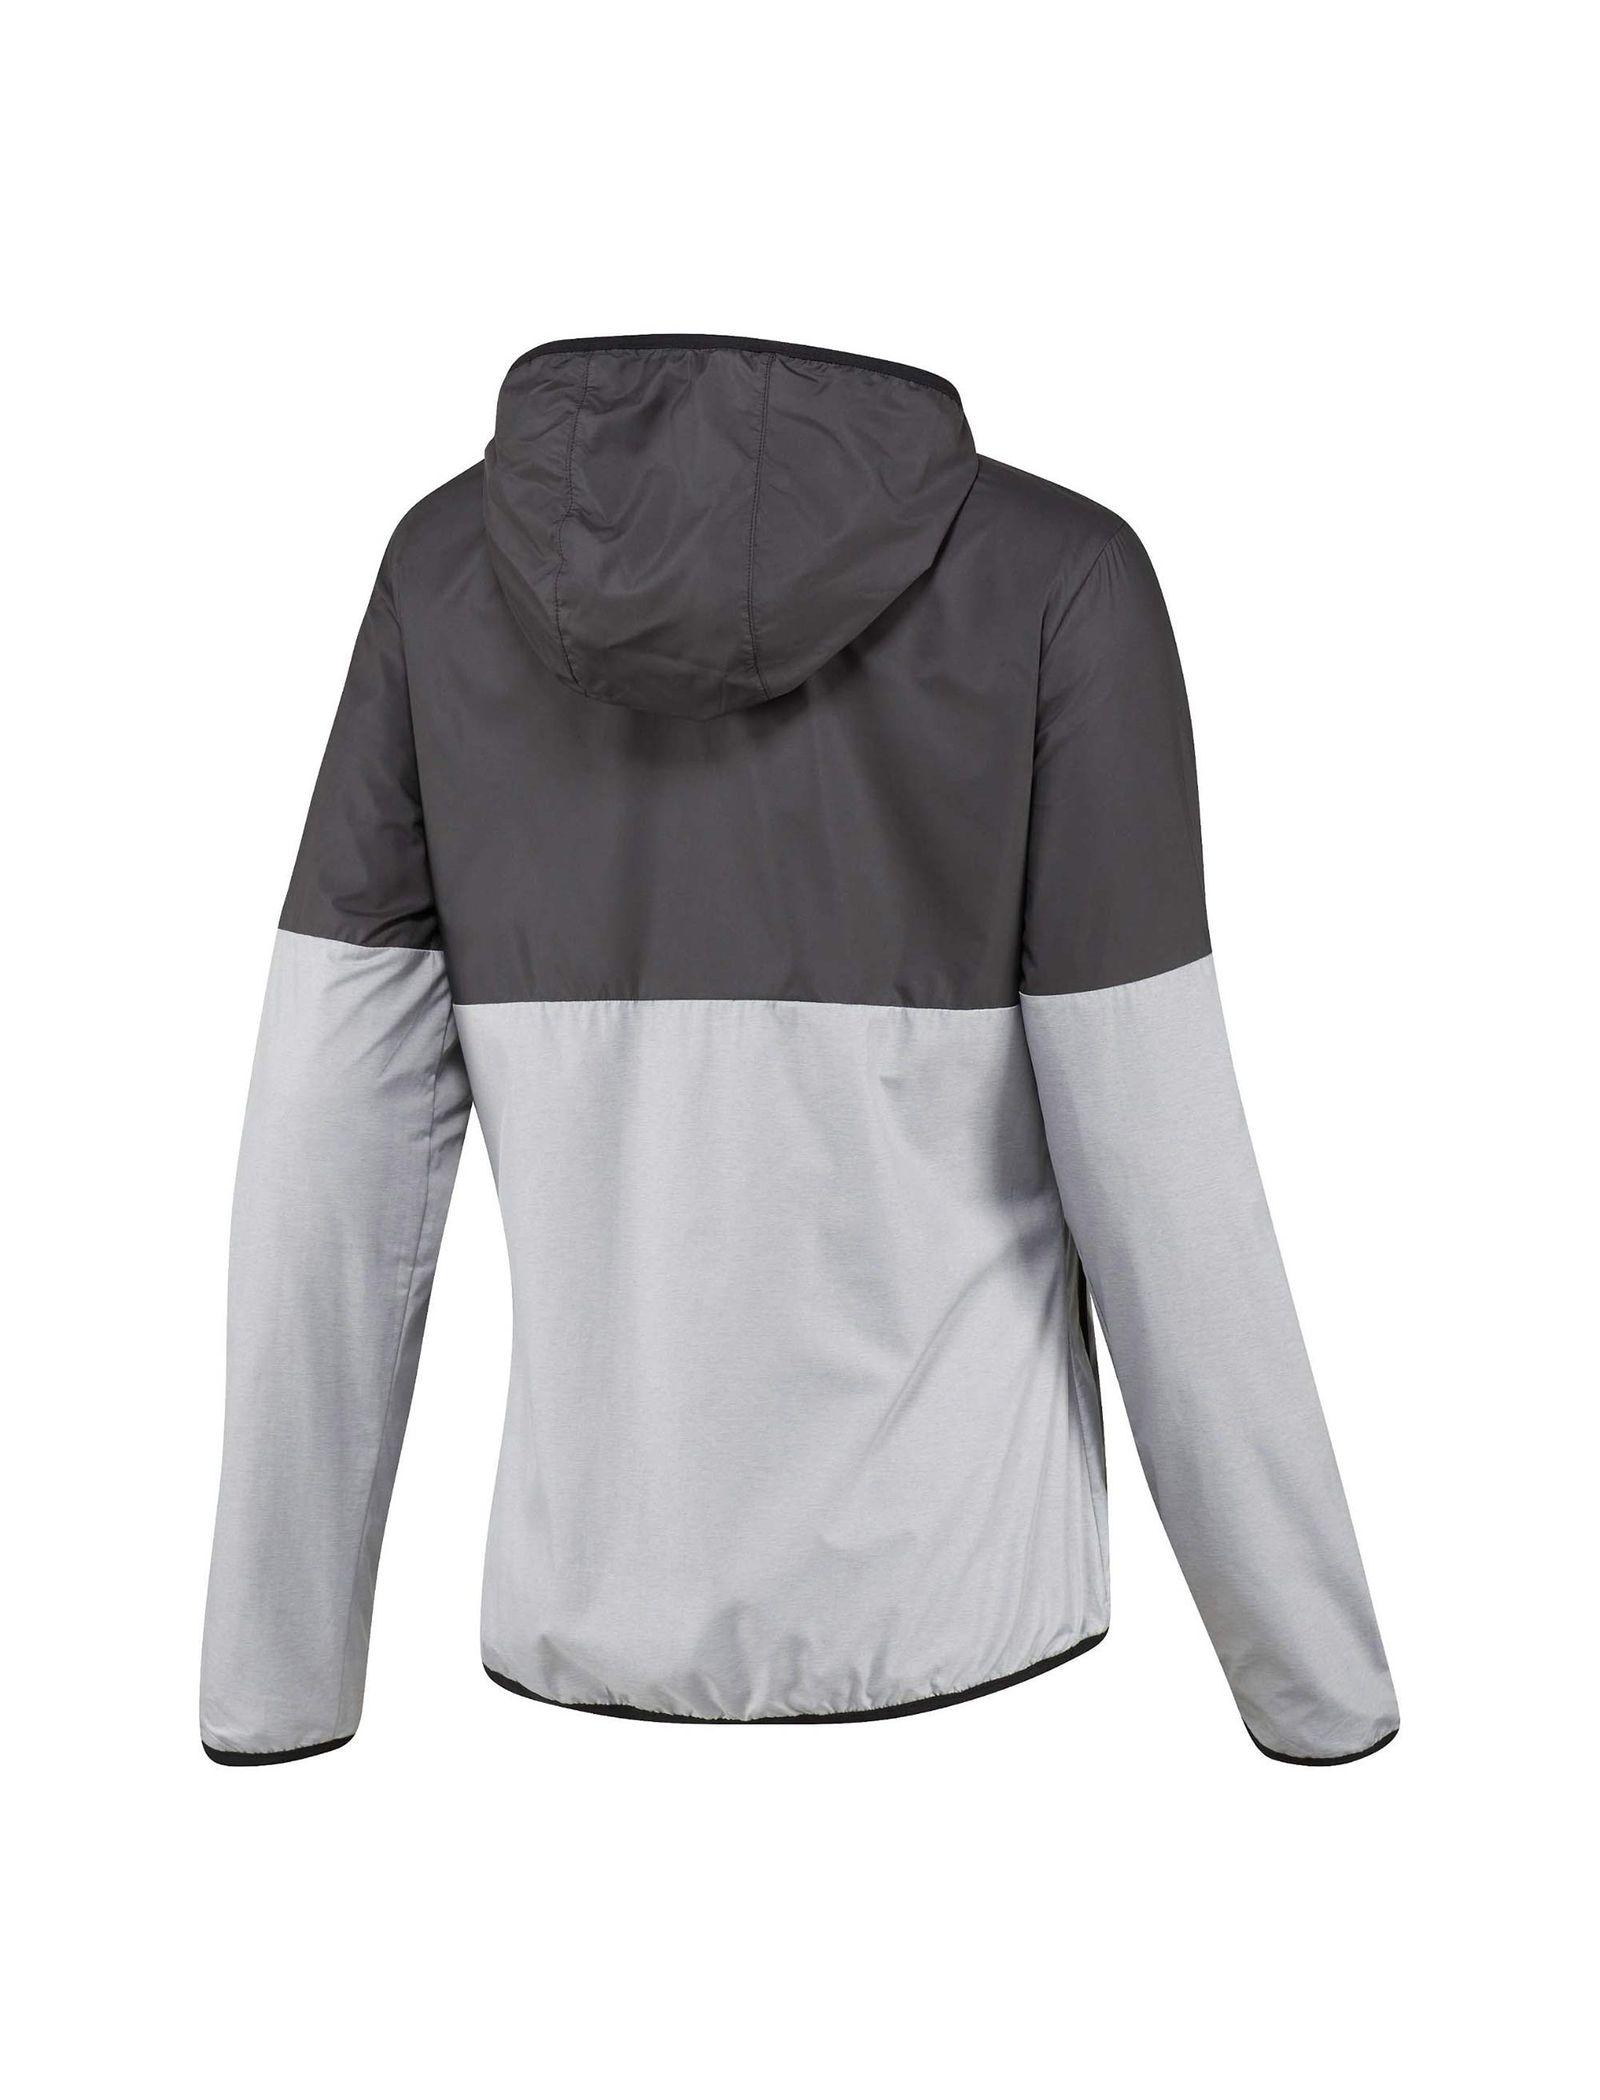 ست گرمکن ورزشی زنانه EL TS SPORT - ریباک - مشکي - 4